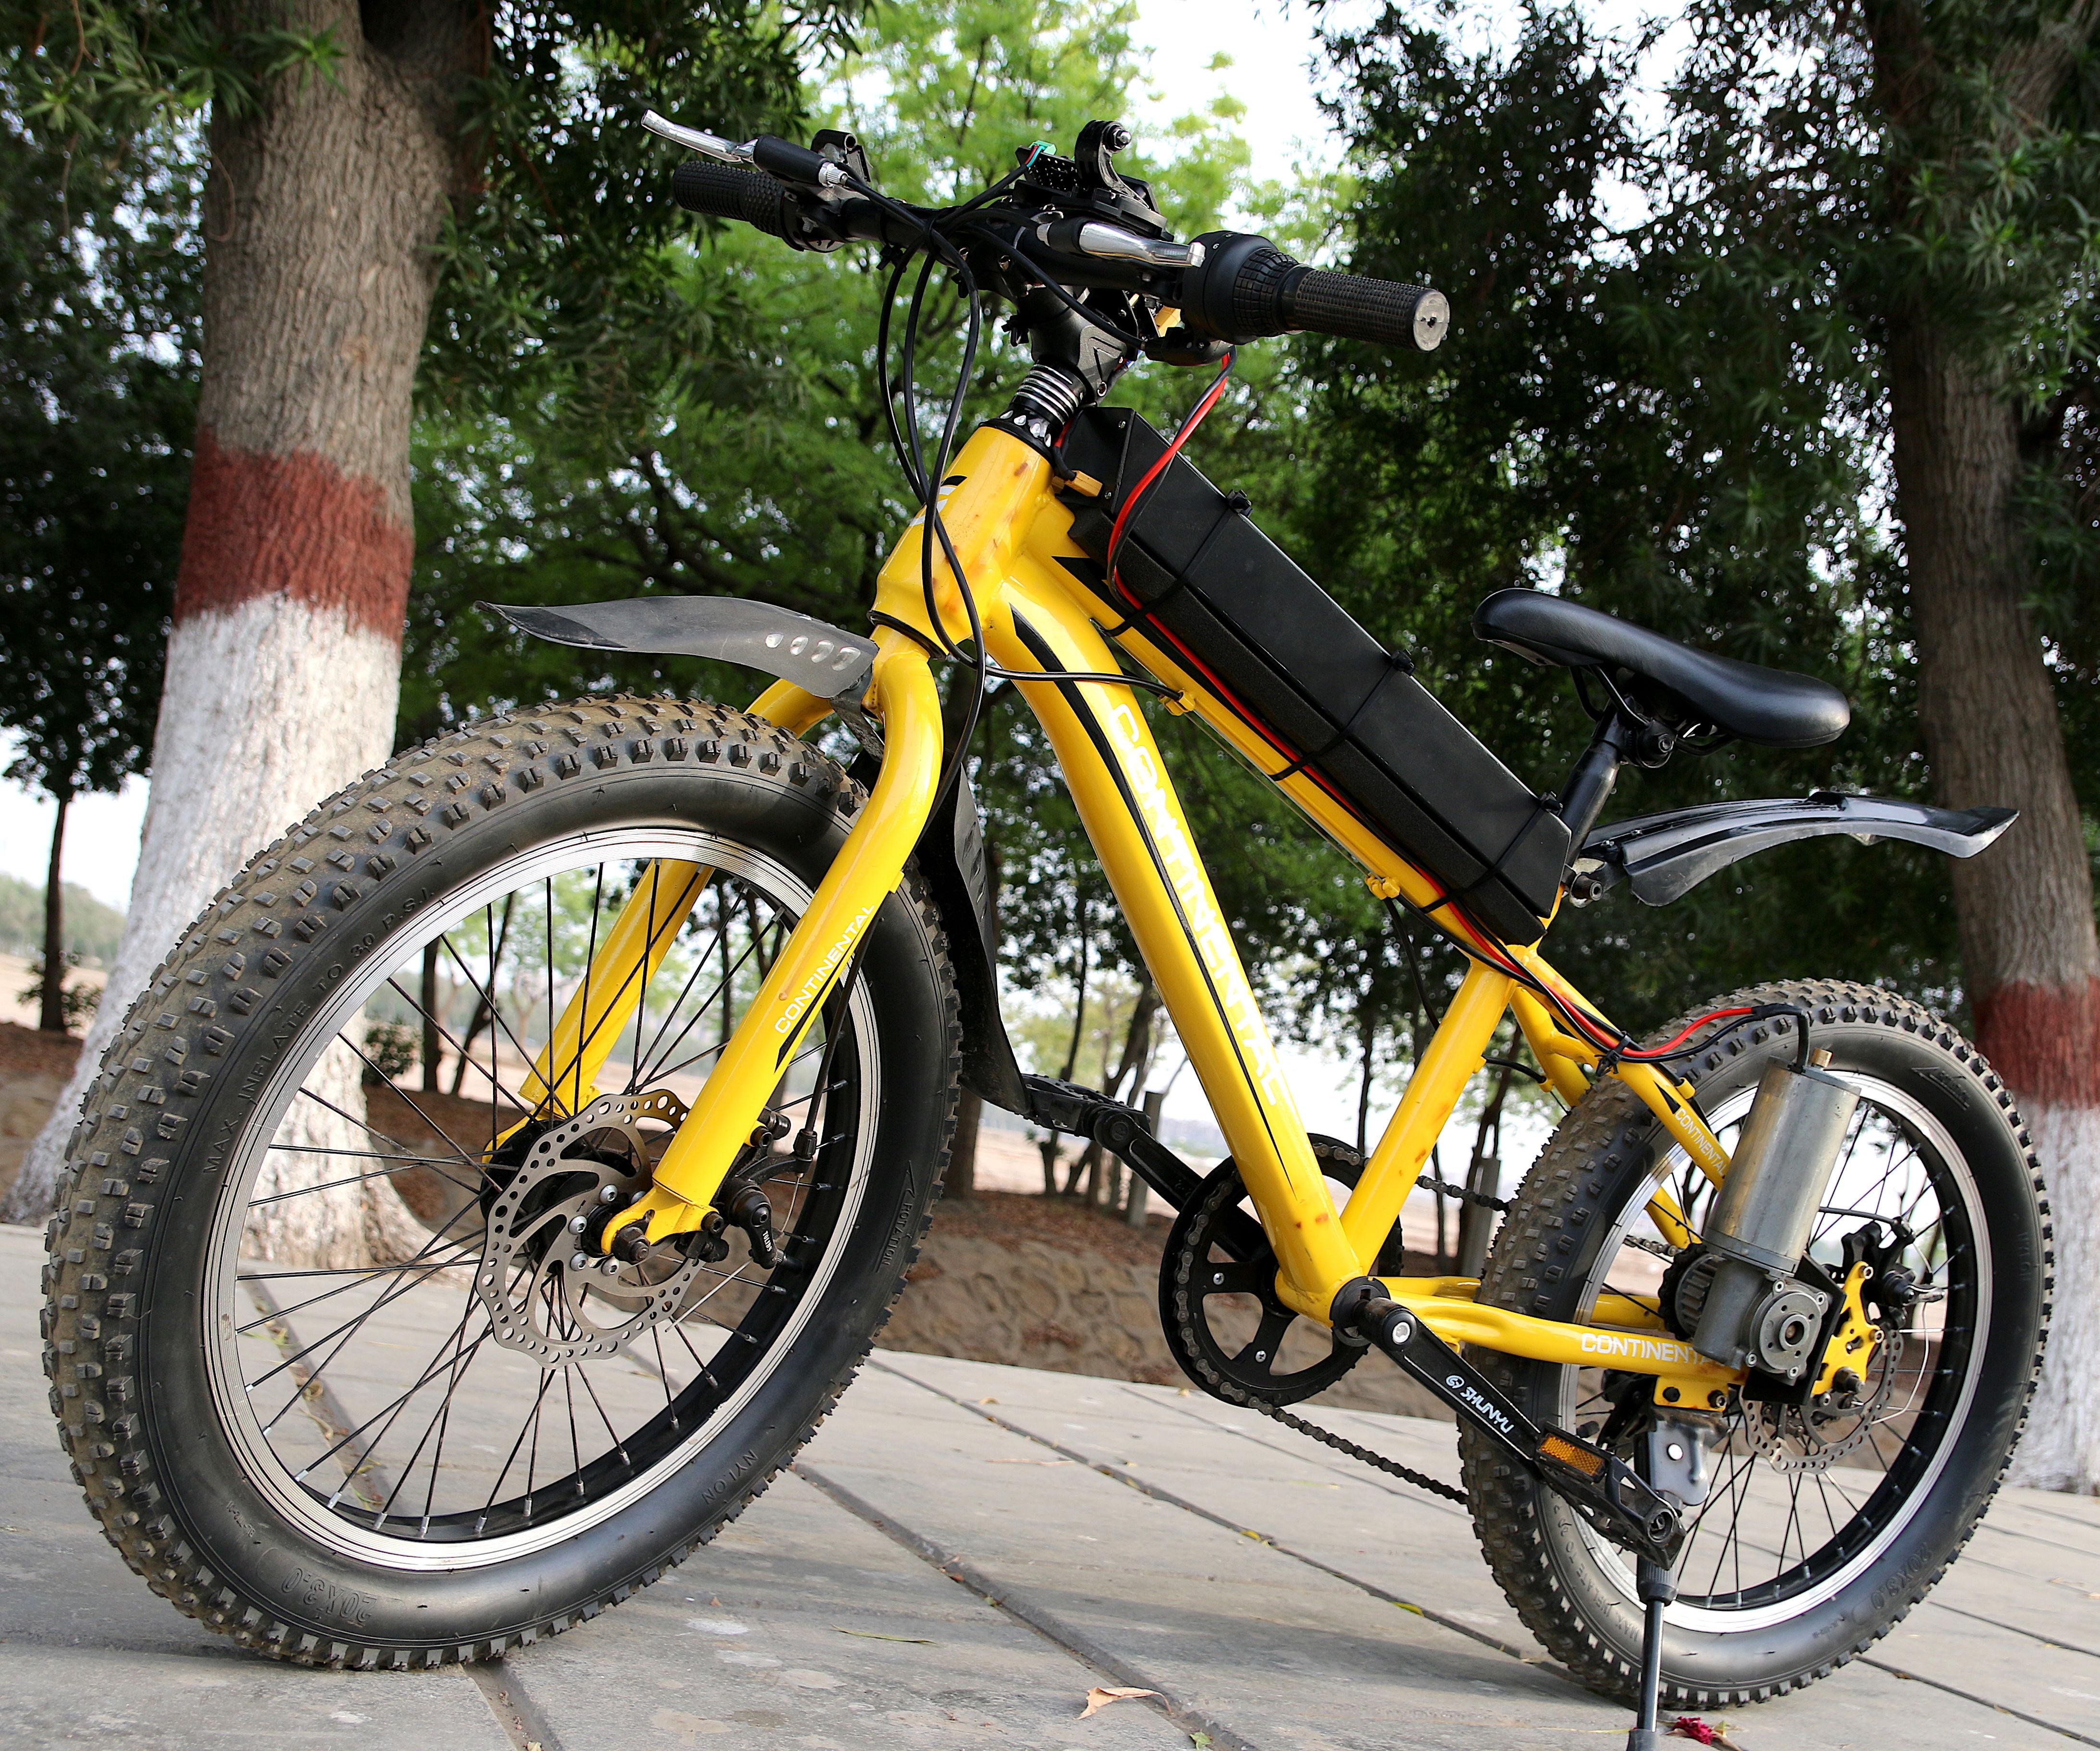 DIY Motorized Bicycle